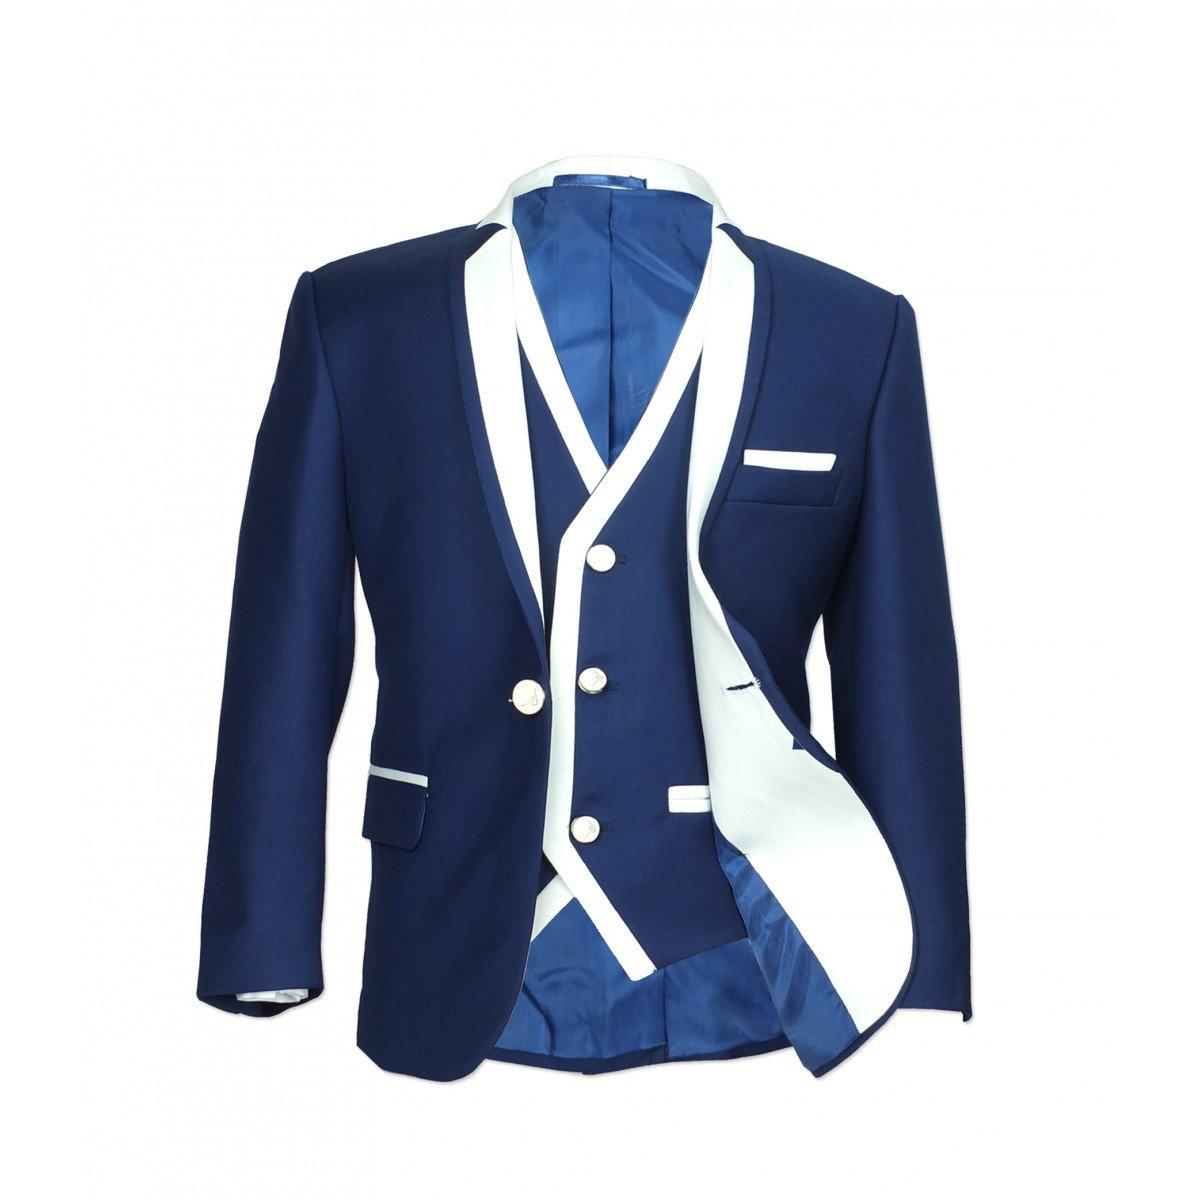 Exclusive Boys Single Button Suit Boys Communion Wedding Occasion Suits Kids Party Suit